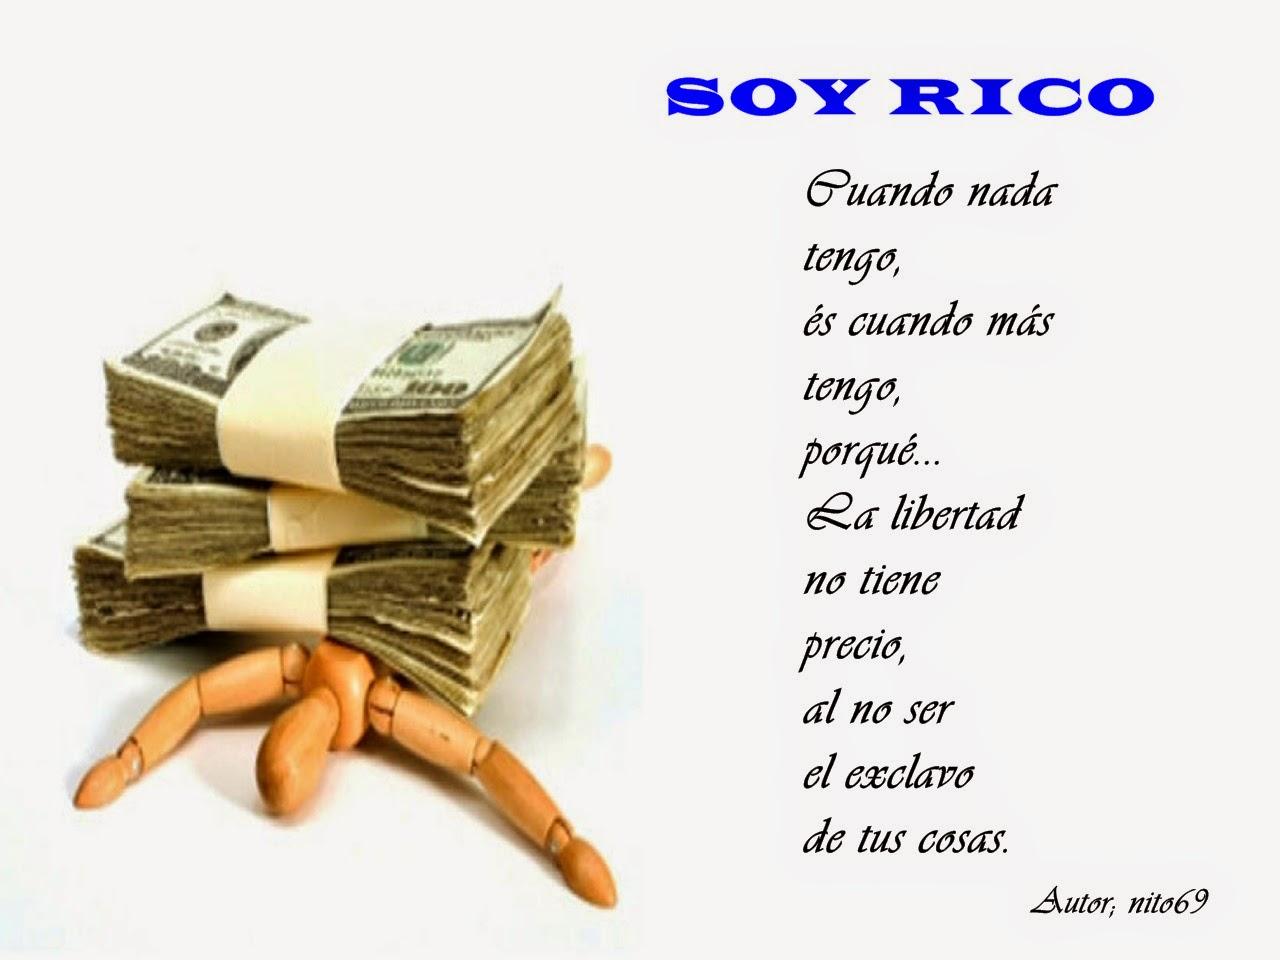 SOY RICO